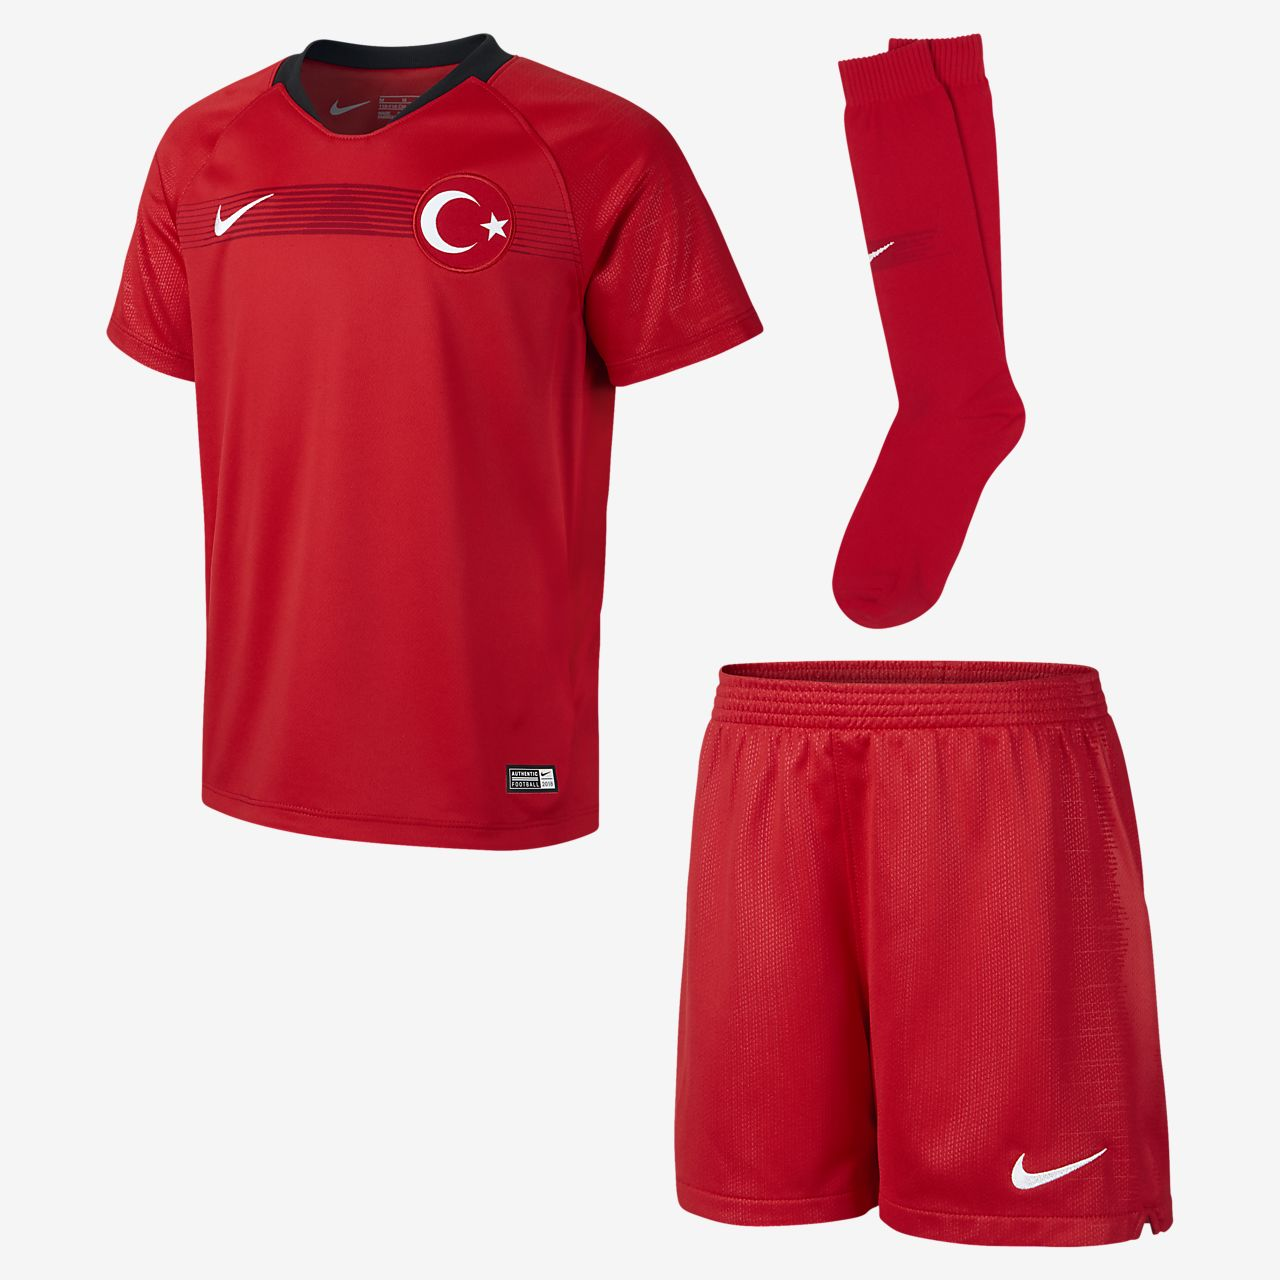 9b766aecb0fc6 Strój piłkarski dla małych dzieci 2018 Turkey Stadium Home. Nike.com PL